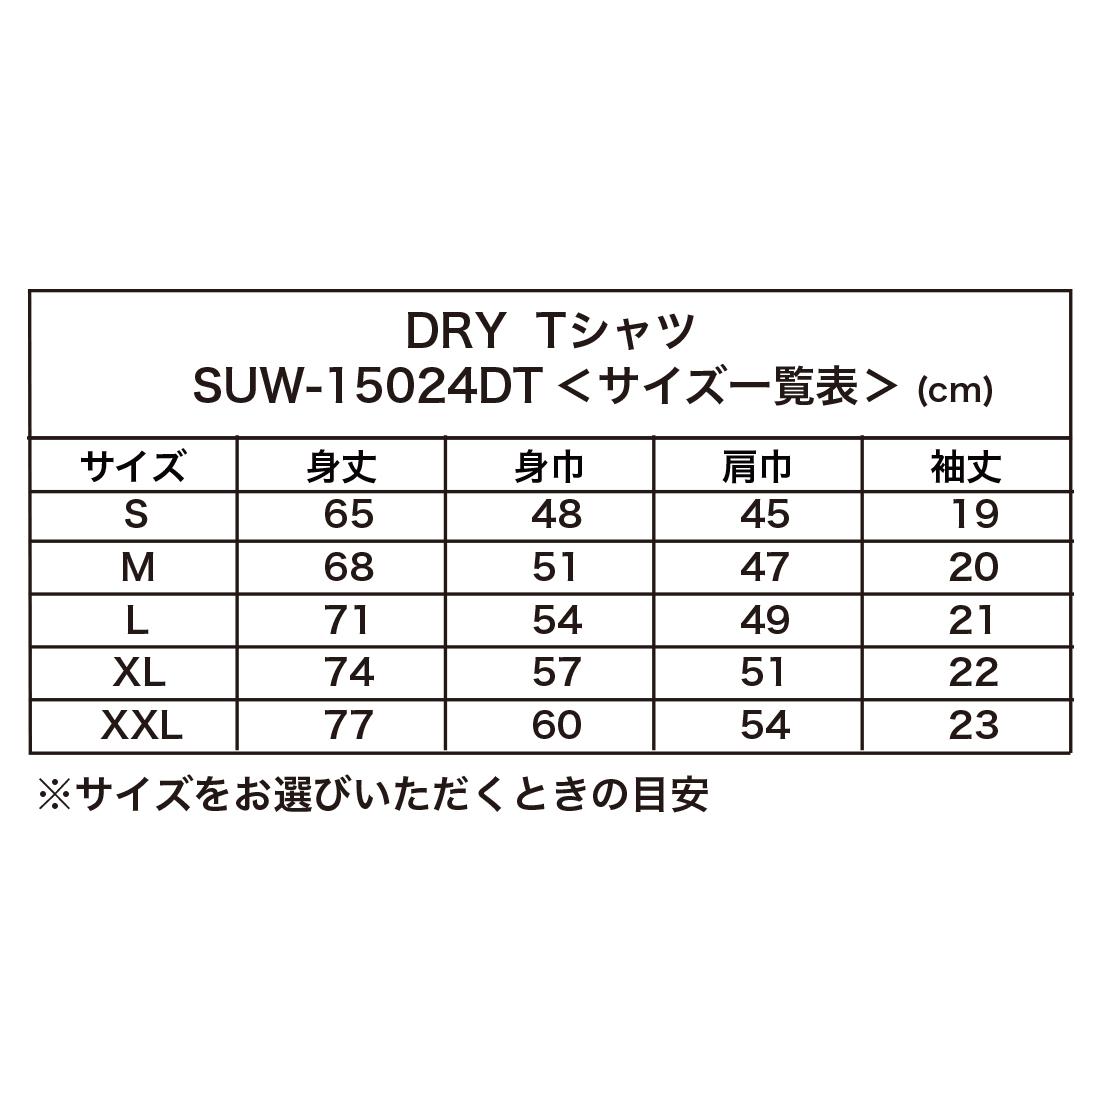 DRY Tシャツ SUW−15024DT